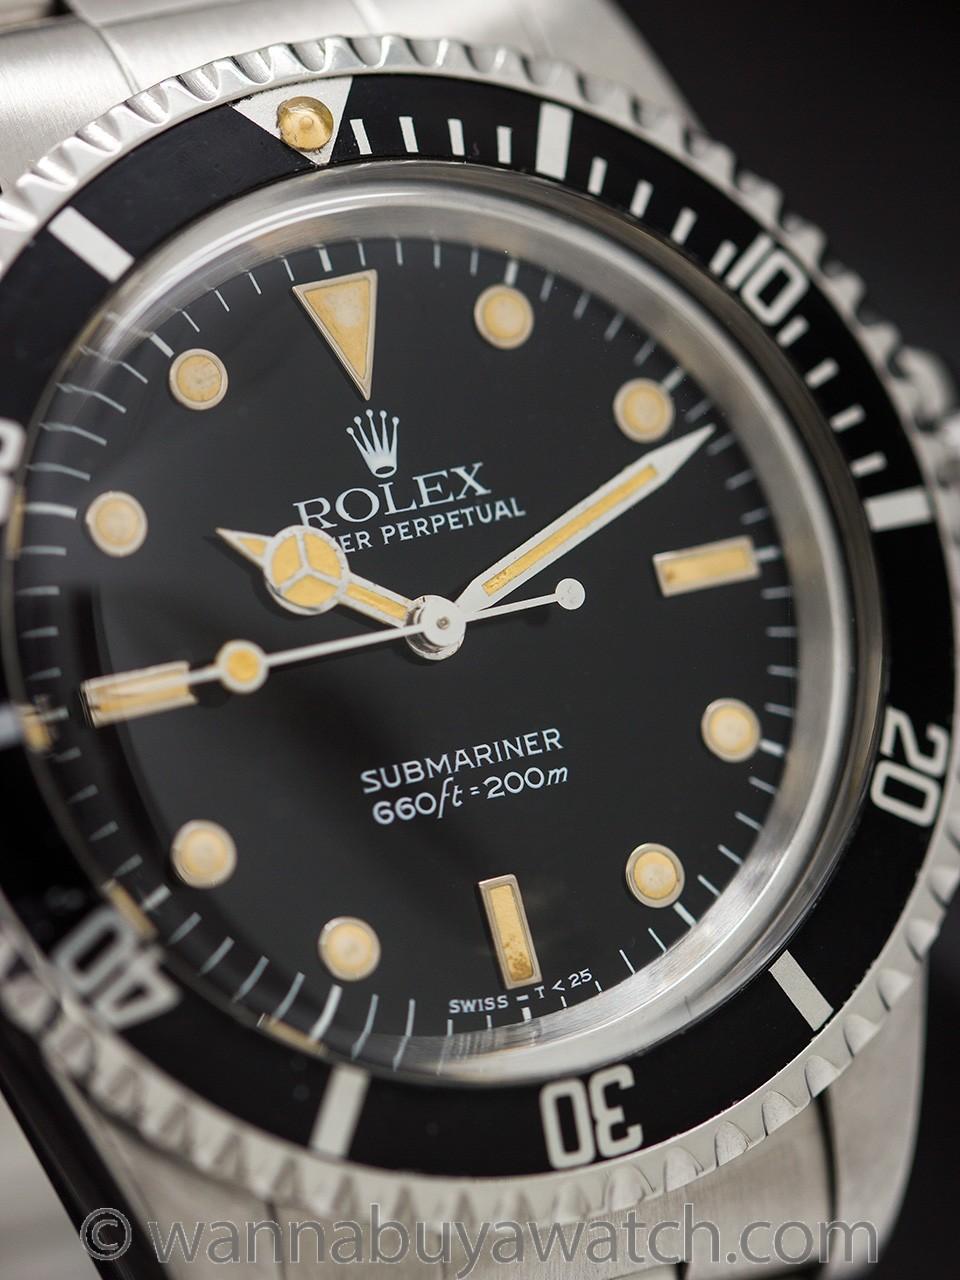 Rolex Submariner ref 5513 circa 1988 Amazing Lume!